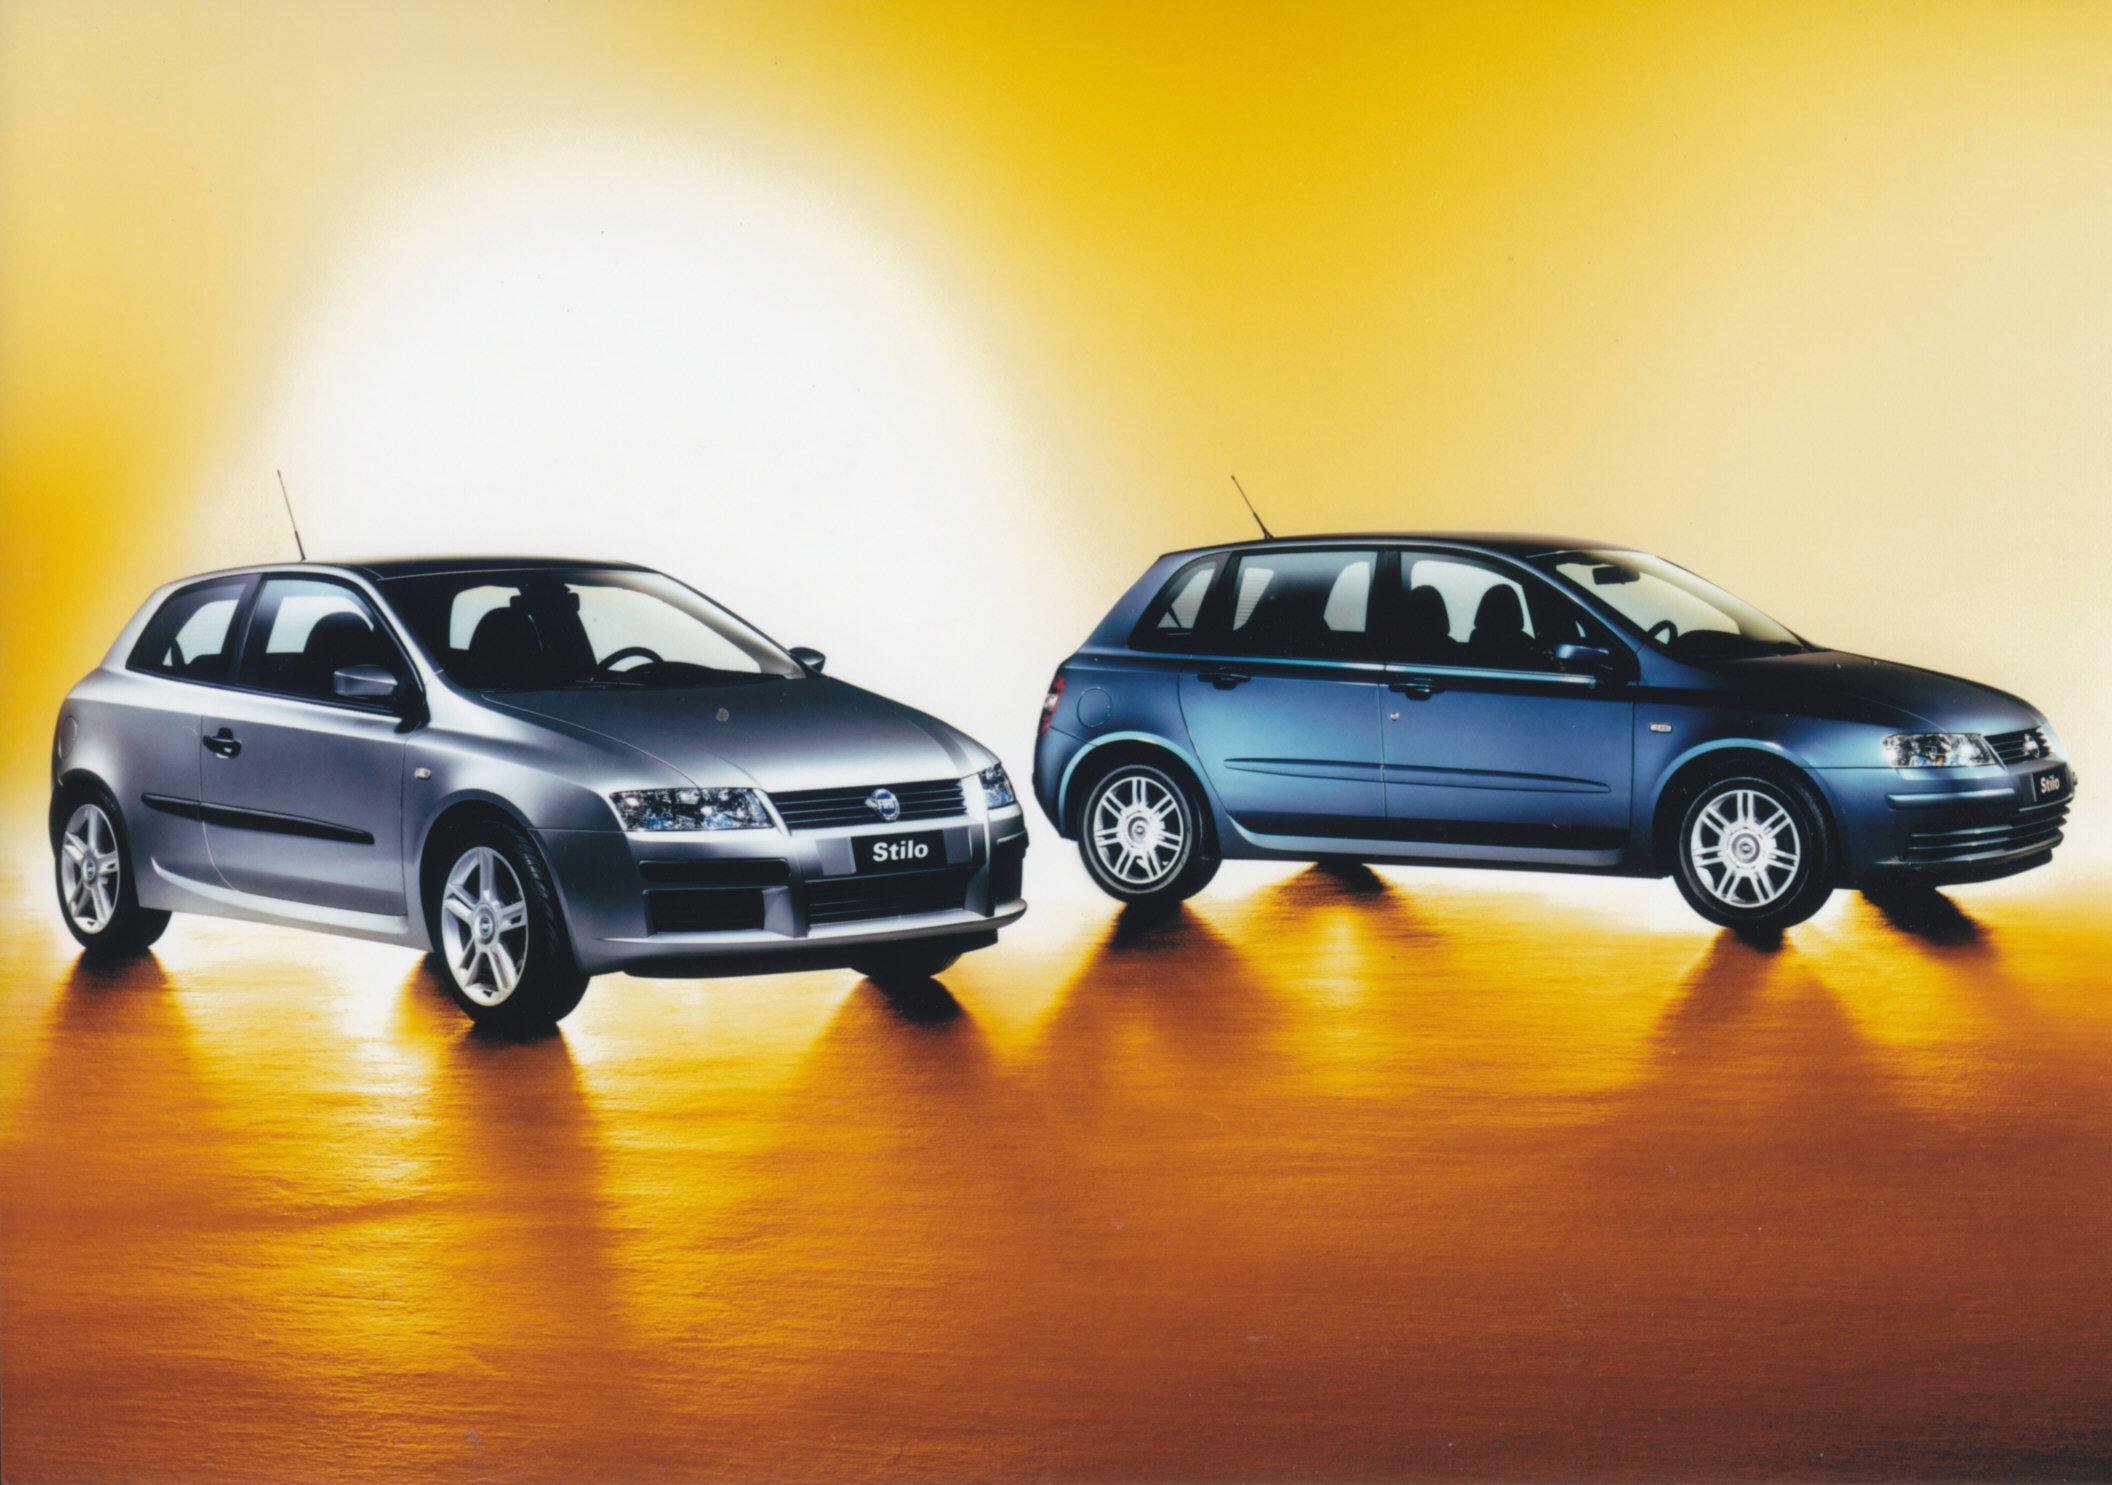 Pin De Brenno Cruz Em Euro Cars Em 2020